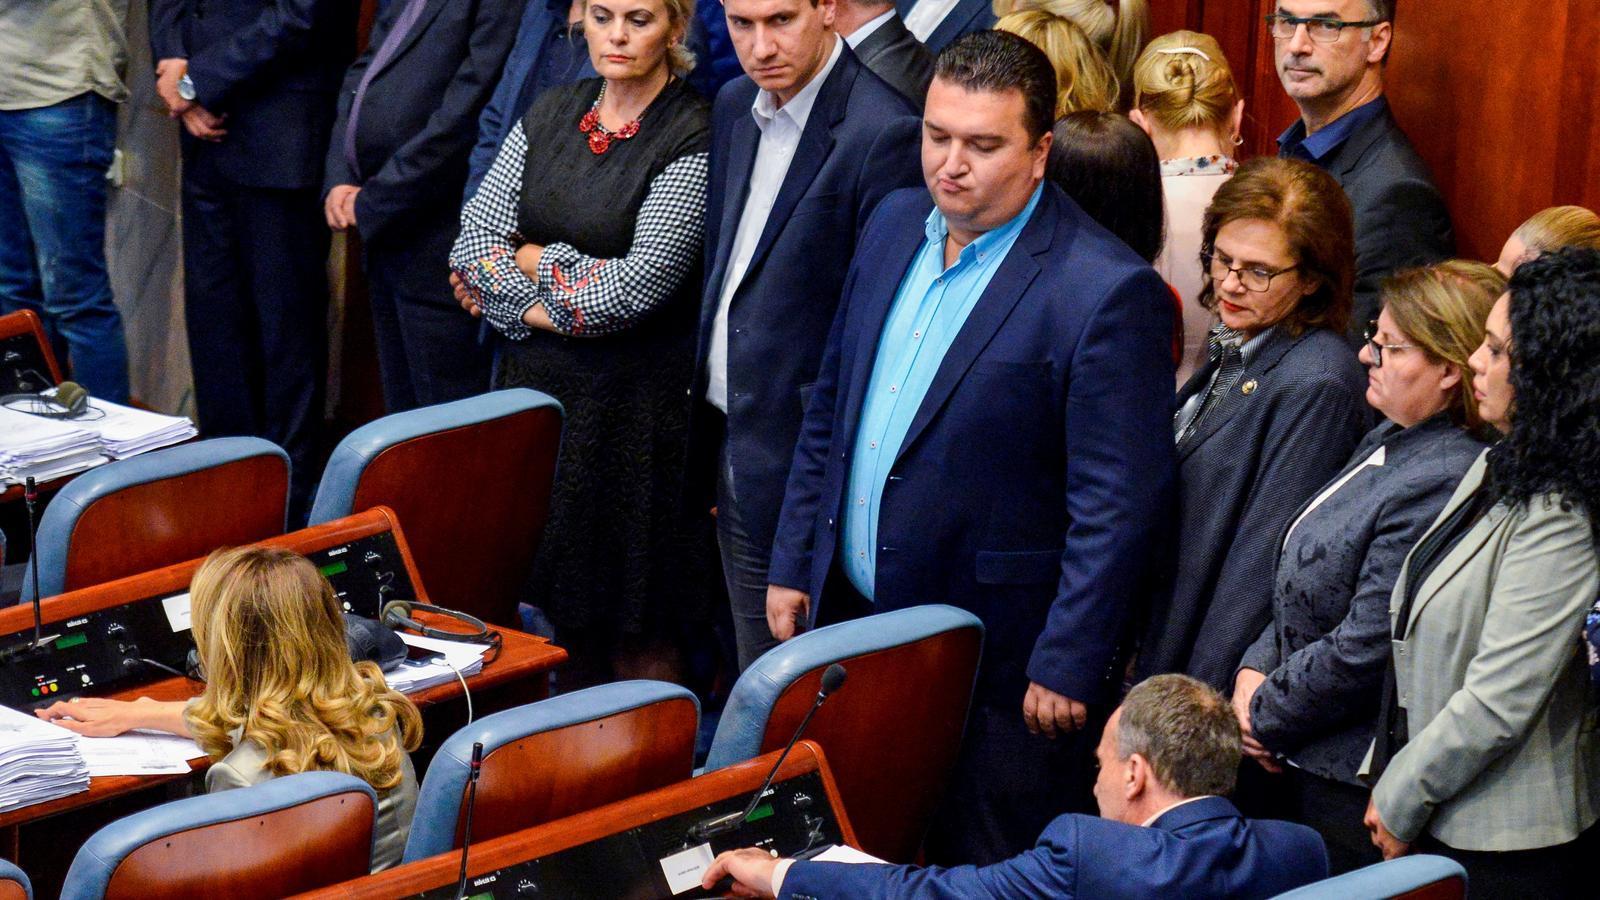 Un grup de diputats es va aixecar dels escons per oposar-se a la votació.